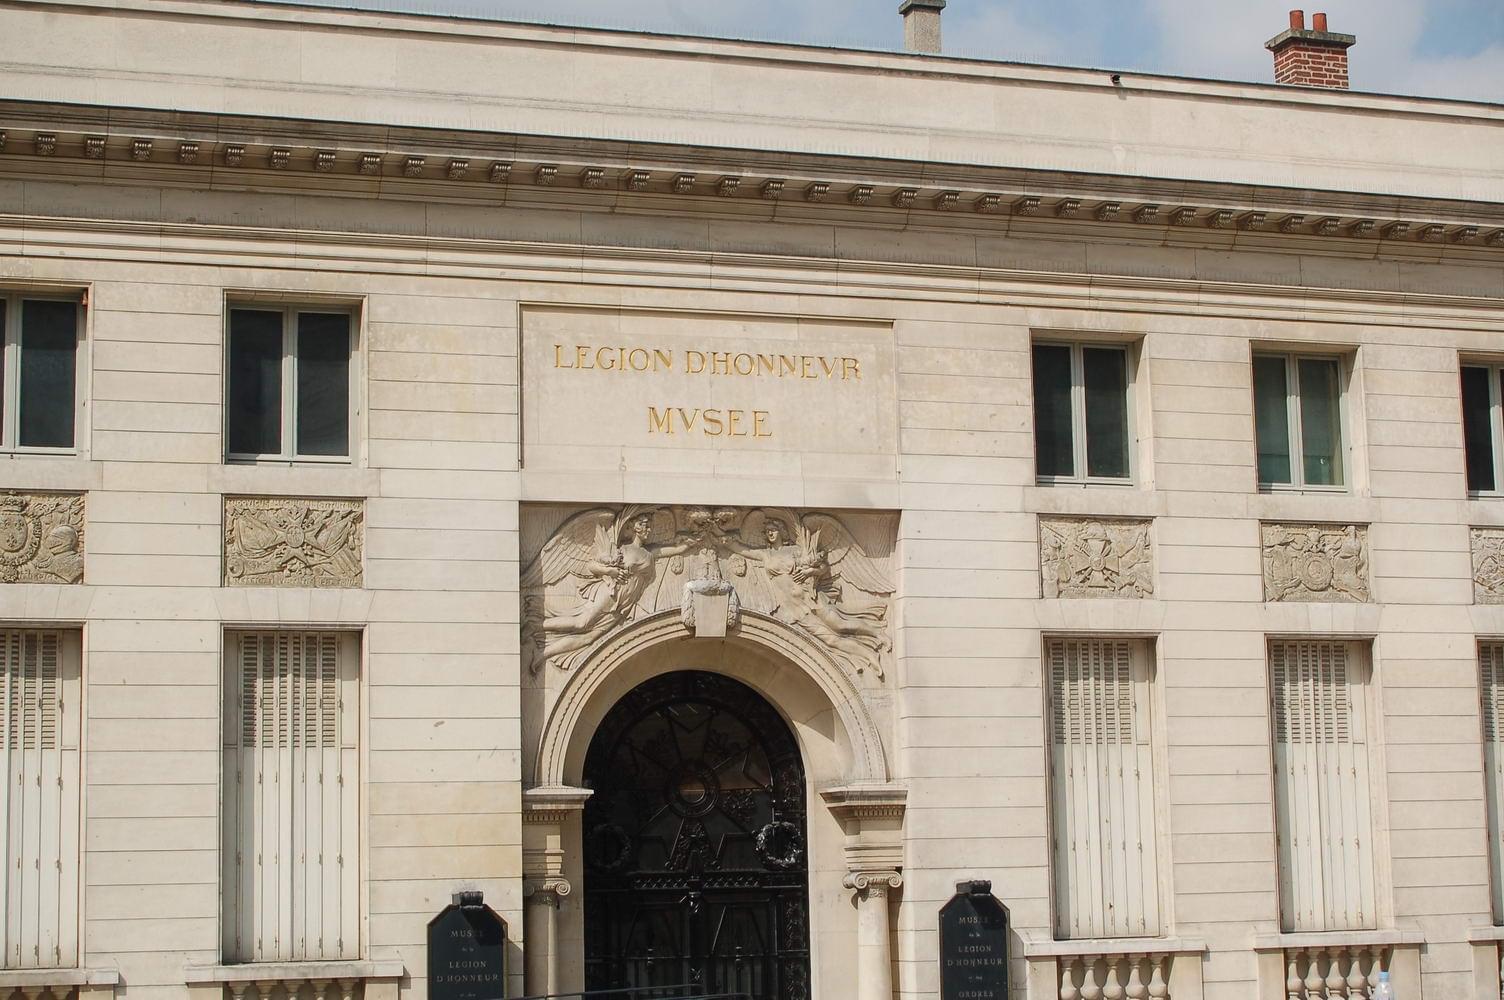 musee-de-la-legion-dhonneur